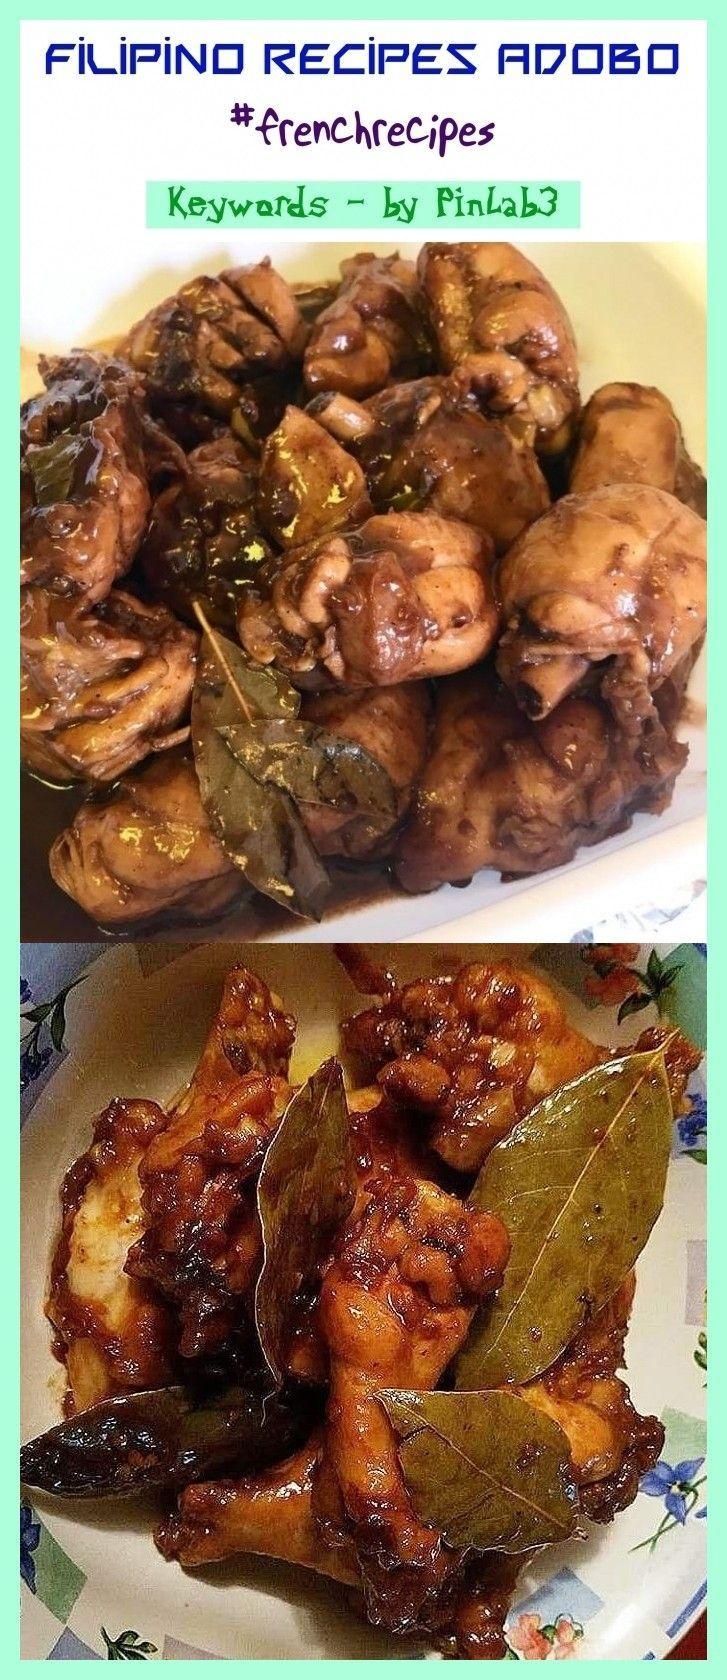 Filipino recipes adobo Philippinische Rezepte Adobo  recettes philippines adobo  recetas filipinas adobo  filipino recipes authentic filipino recipes easy filipino recipe...